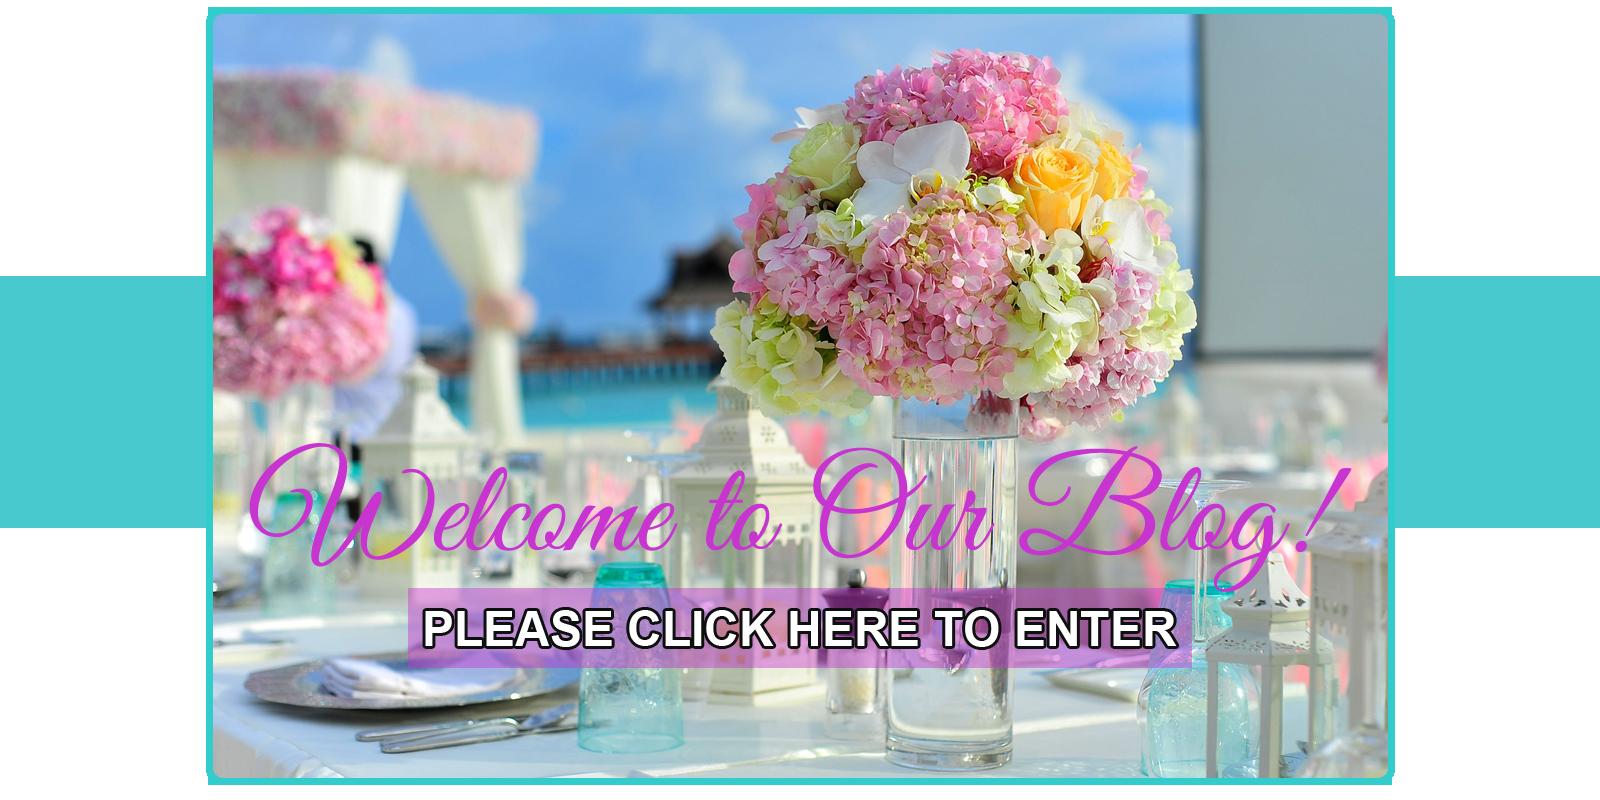 Enter Our Blog Sonya Flyod